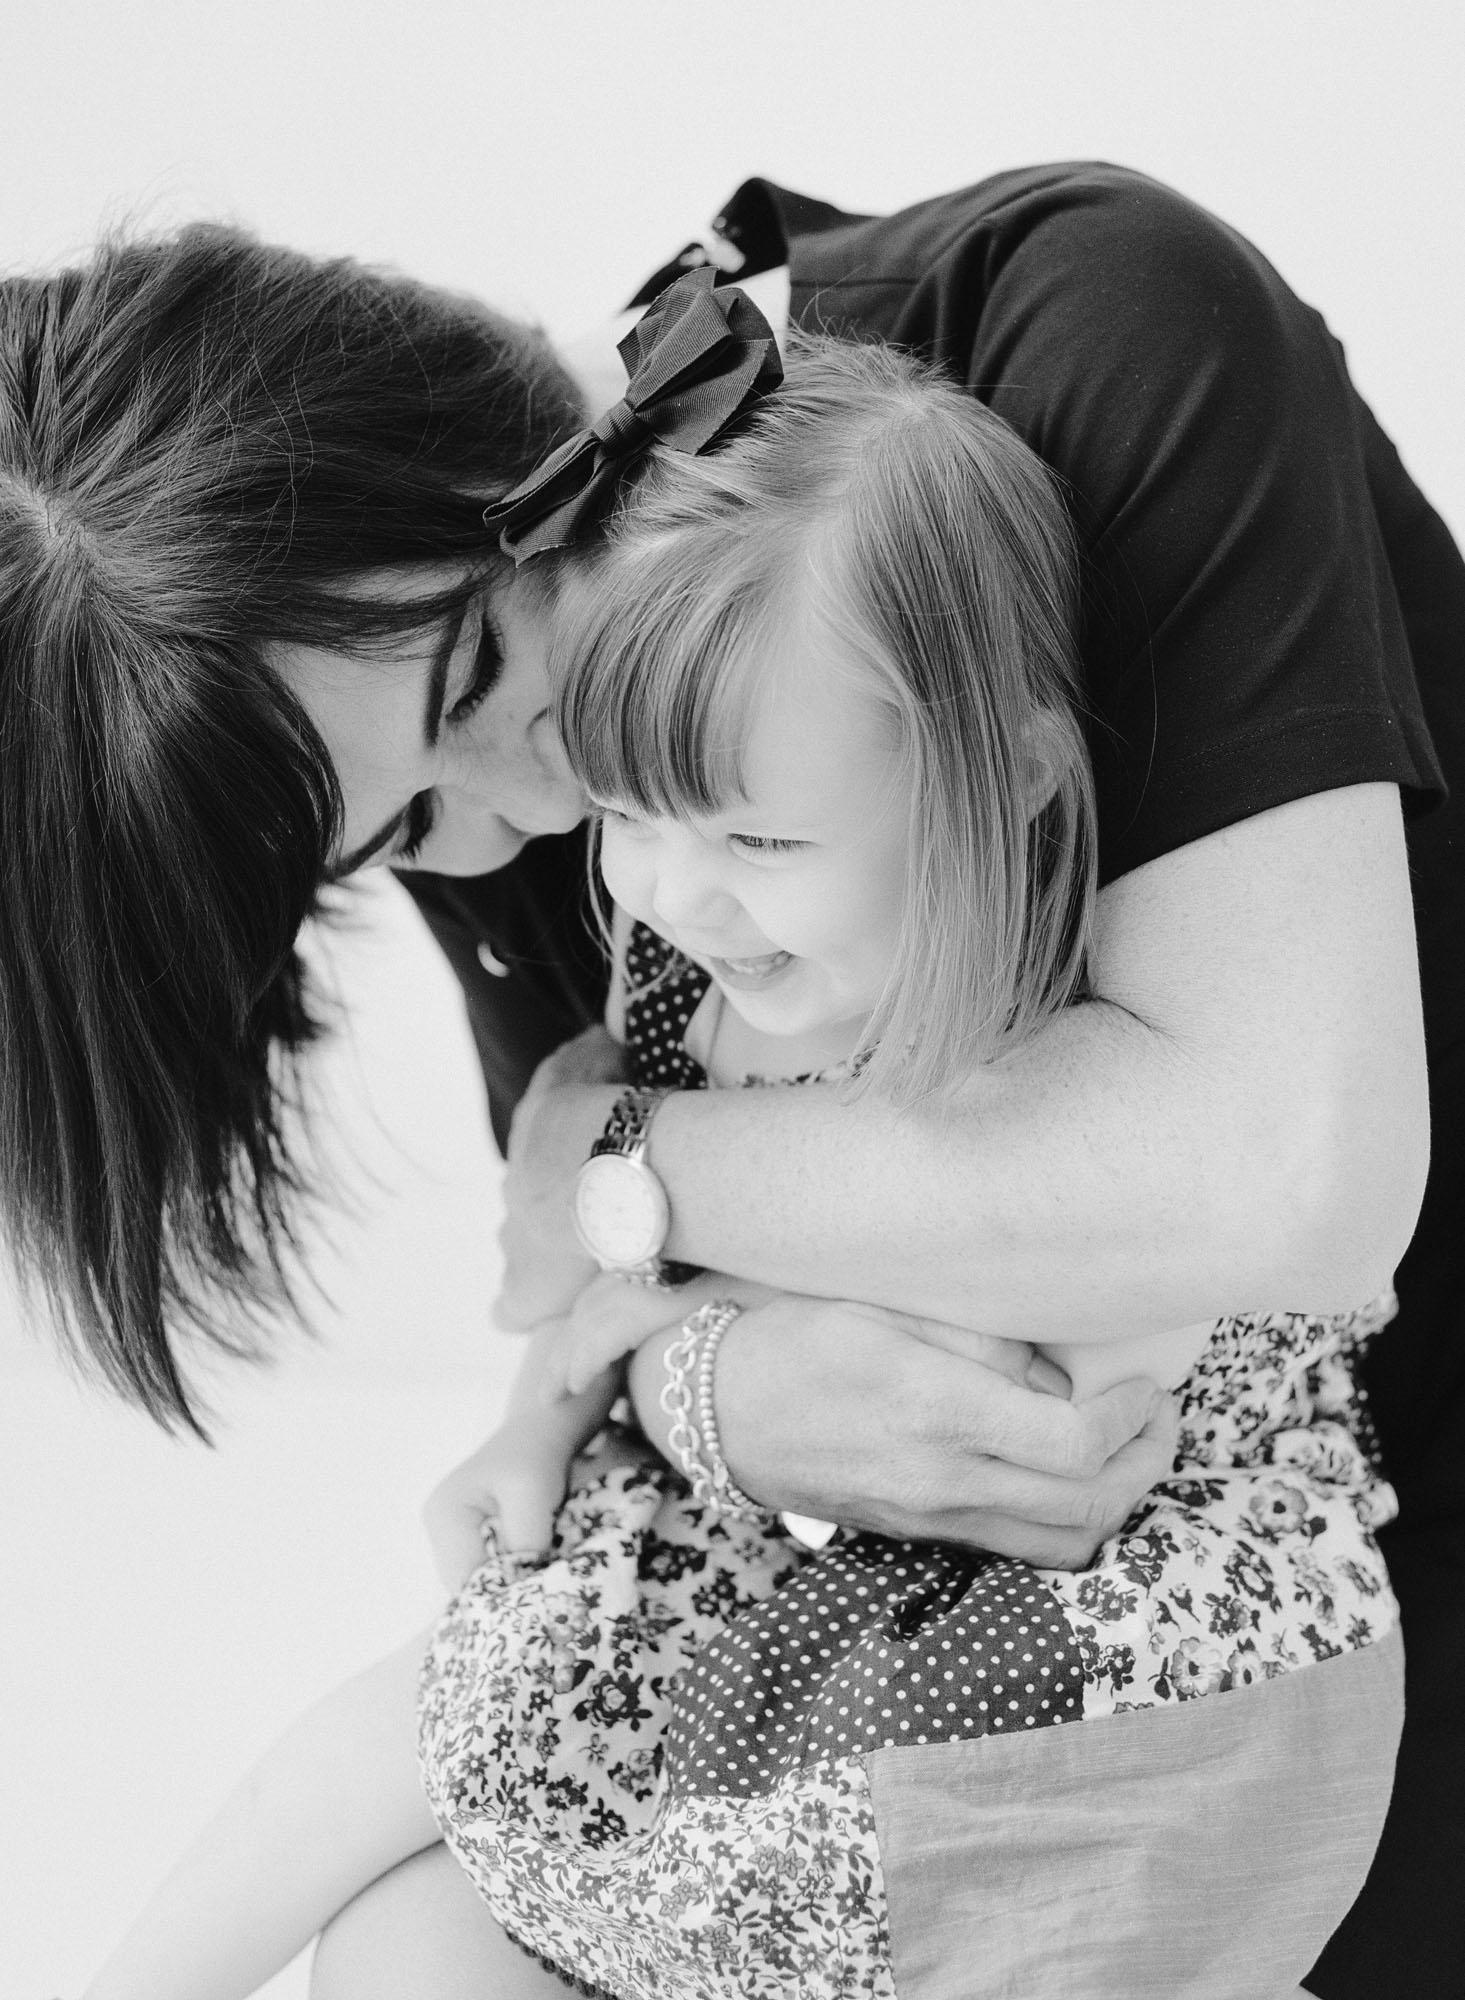 family-photographer-raleigh-nc-motherhood-portraits